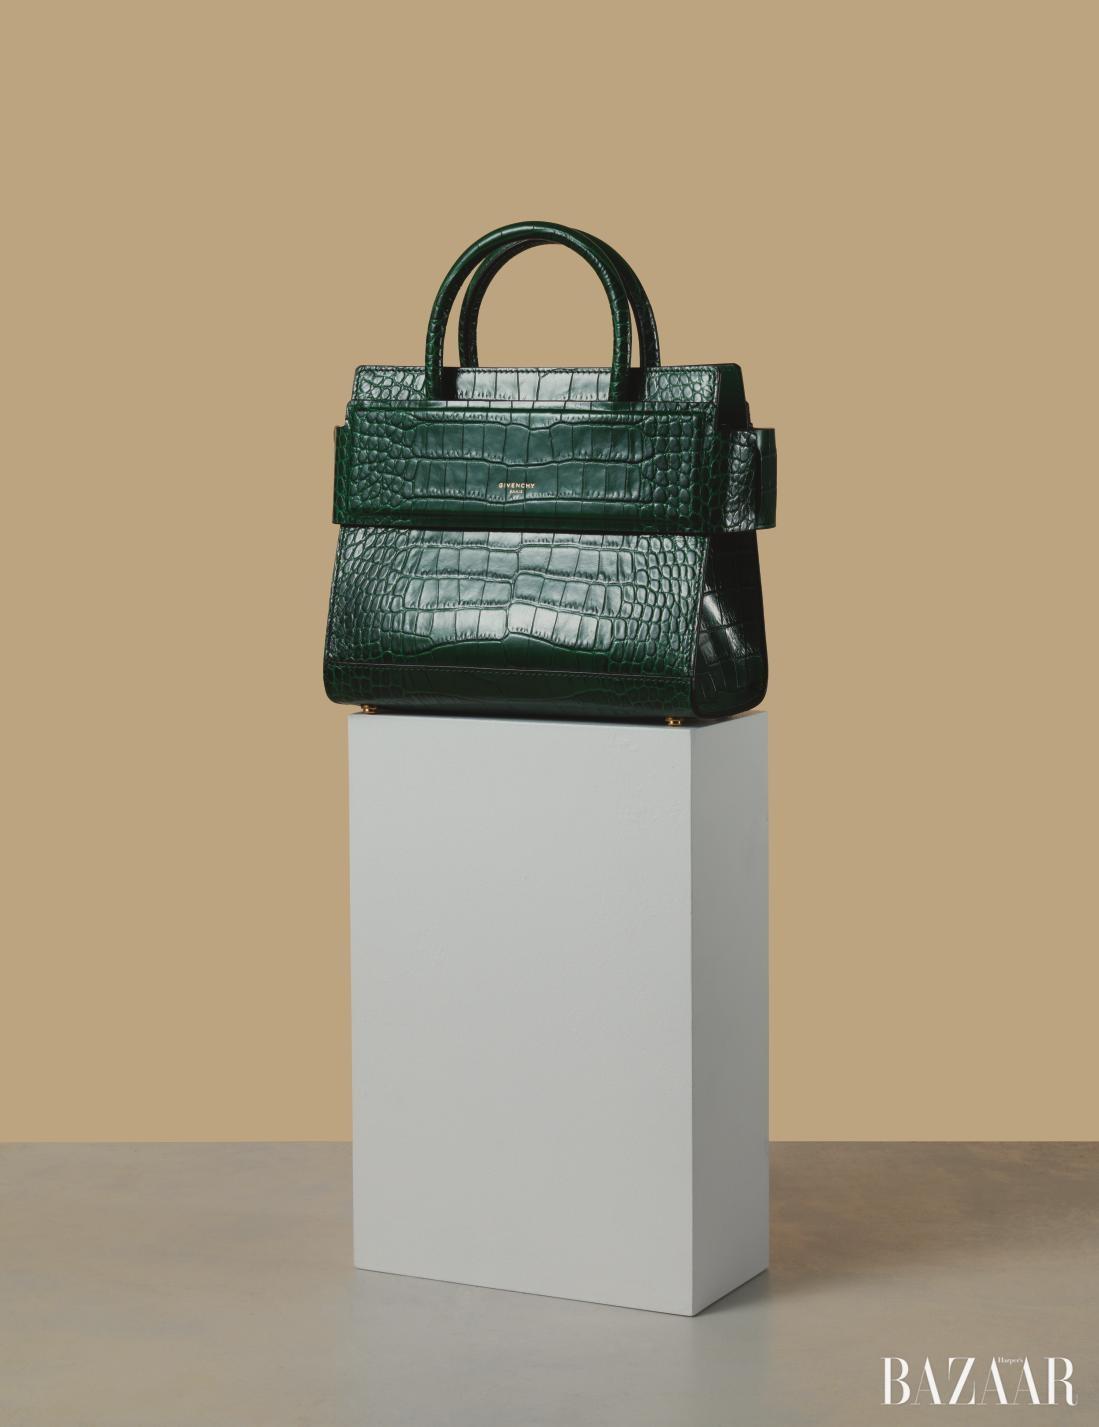 패널을 덧댄 스퀘어 백은 3천만원대로 <strong>Givenchy by Riccardo Tisci